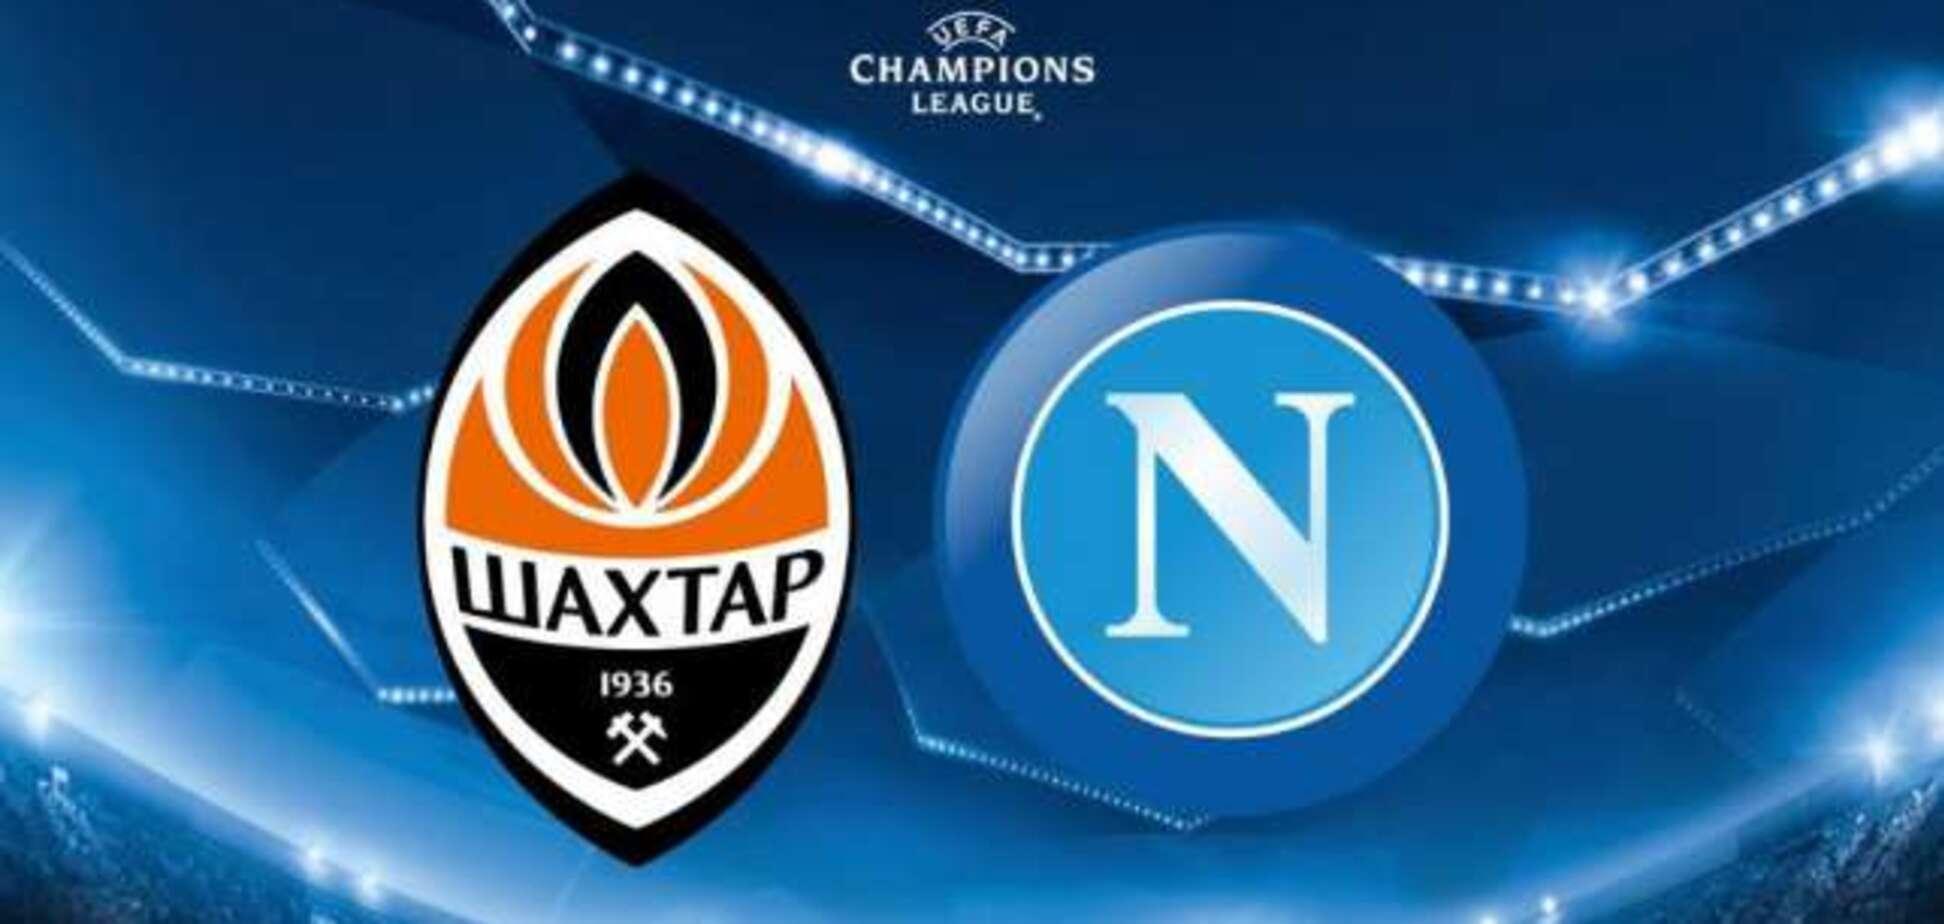 'Шахтер' - 'Наполи': прогноз на матч Лиги чемпионов